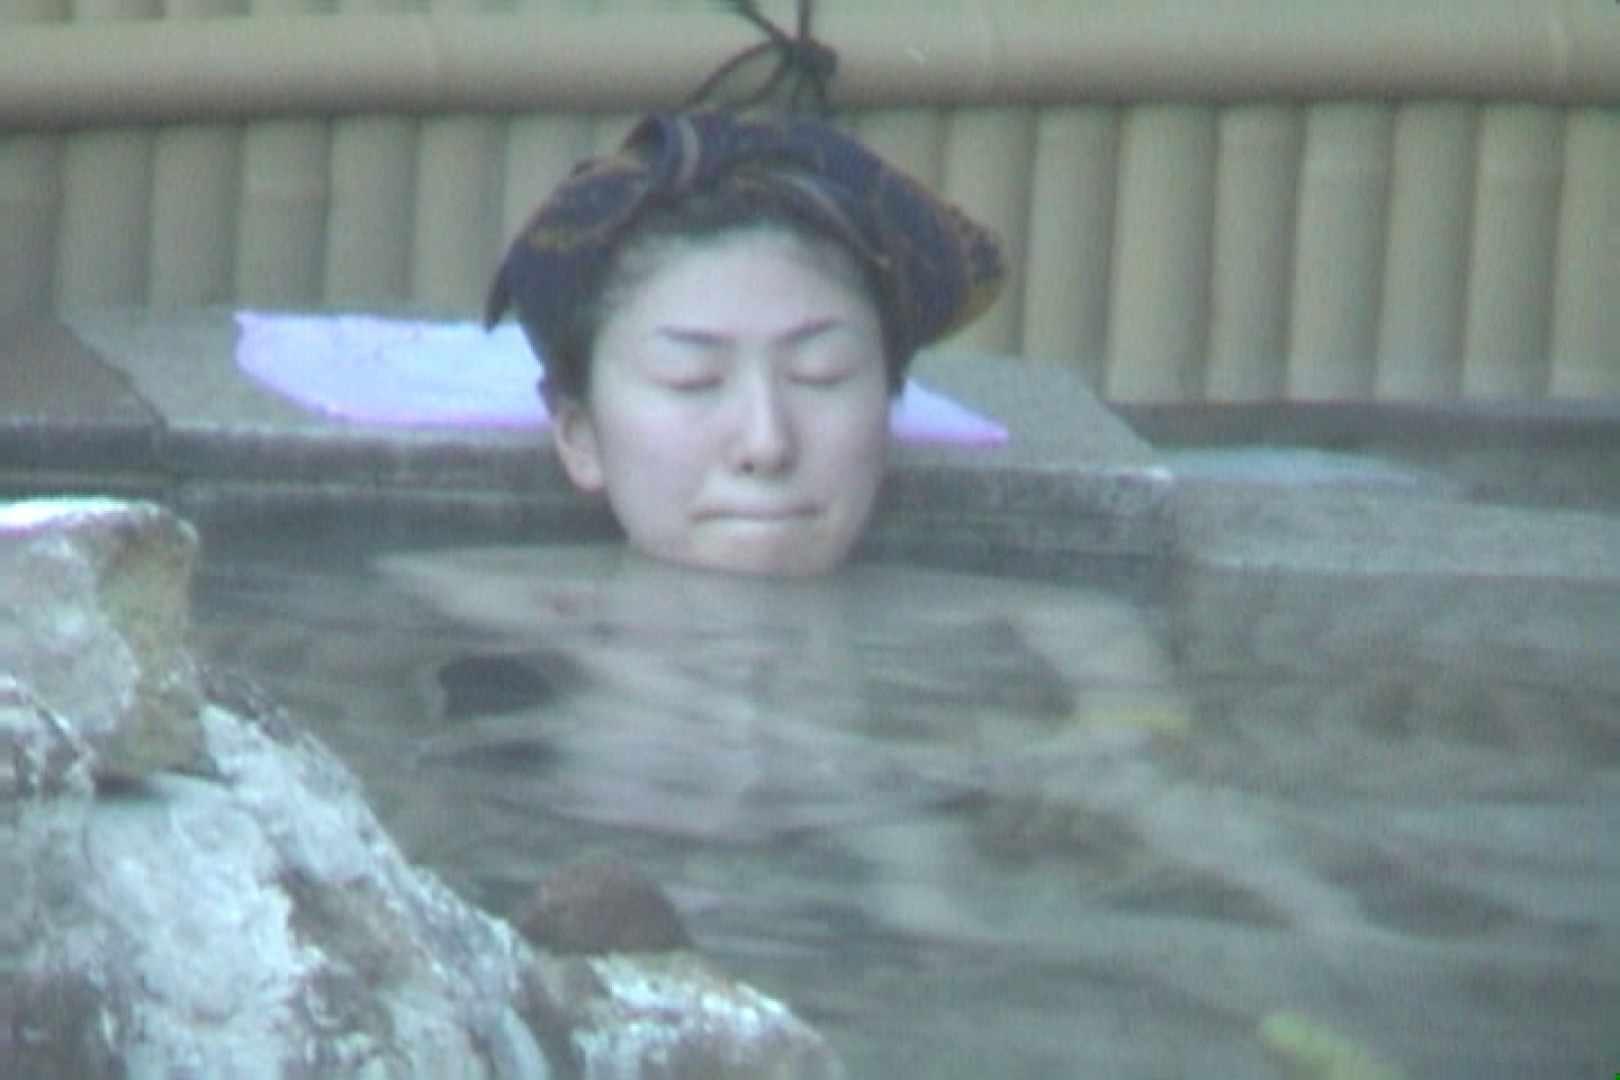 Aquaな露天風呂Vol.607 女体盗撮 | 露天  56連発 46